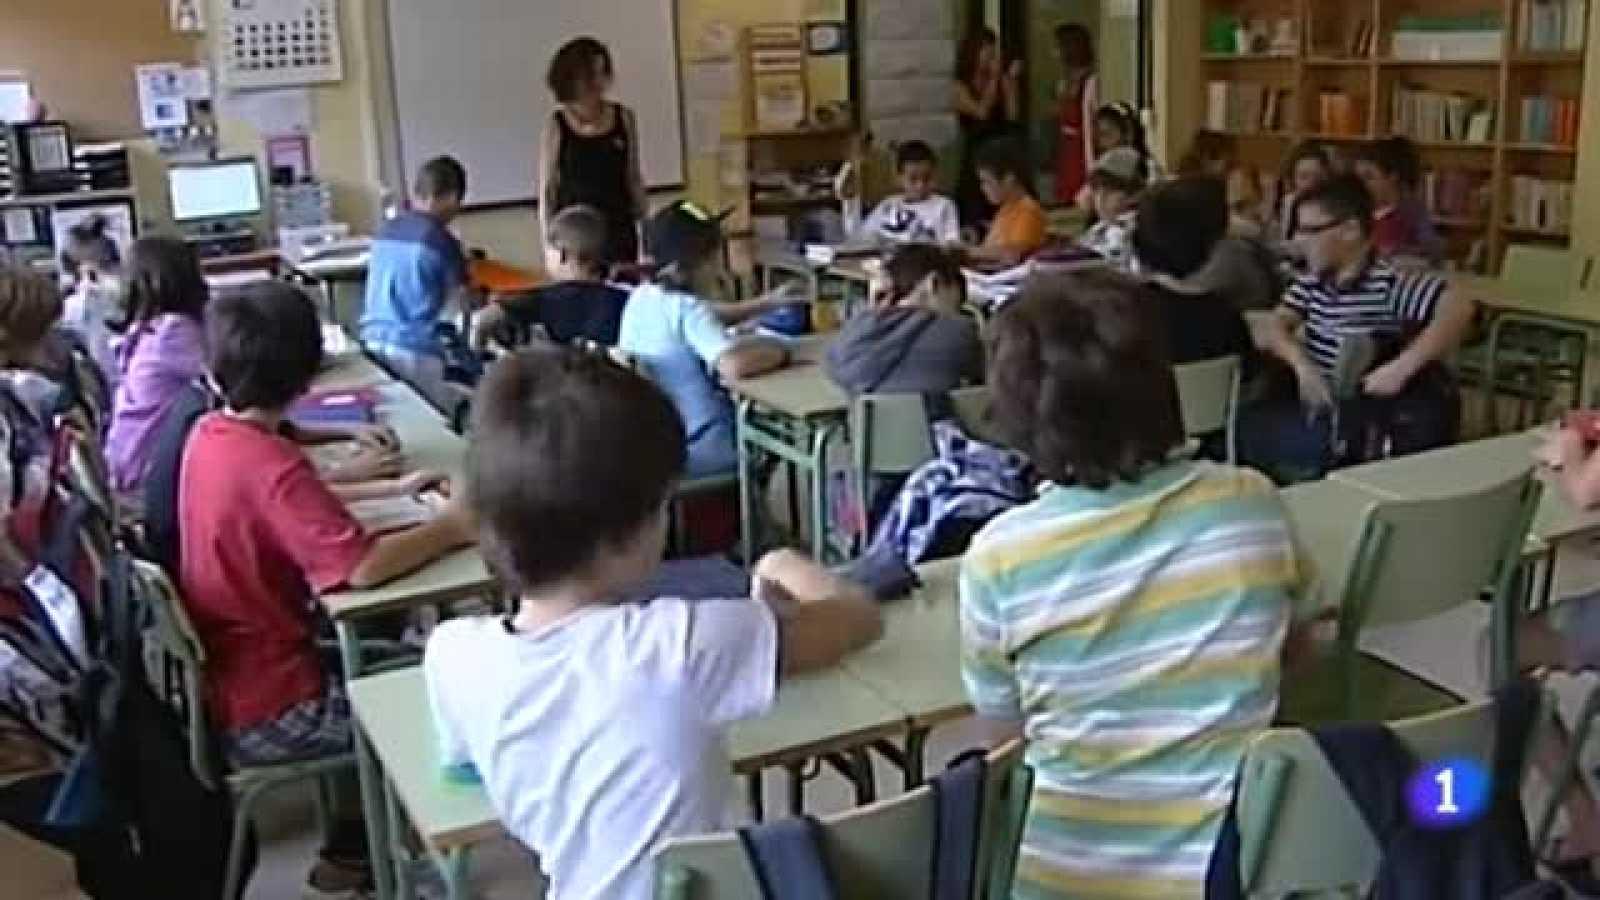 El Gobierno pretende derogar los recortes en educación que siguen vigentes desde el año 2012